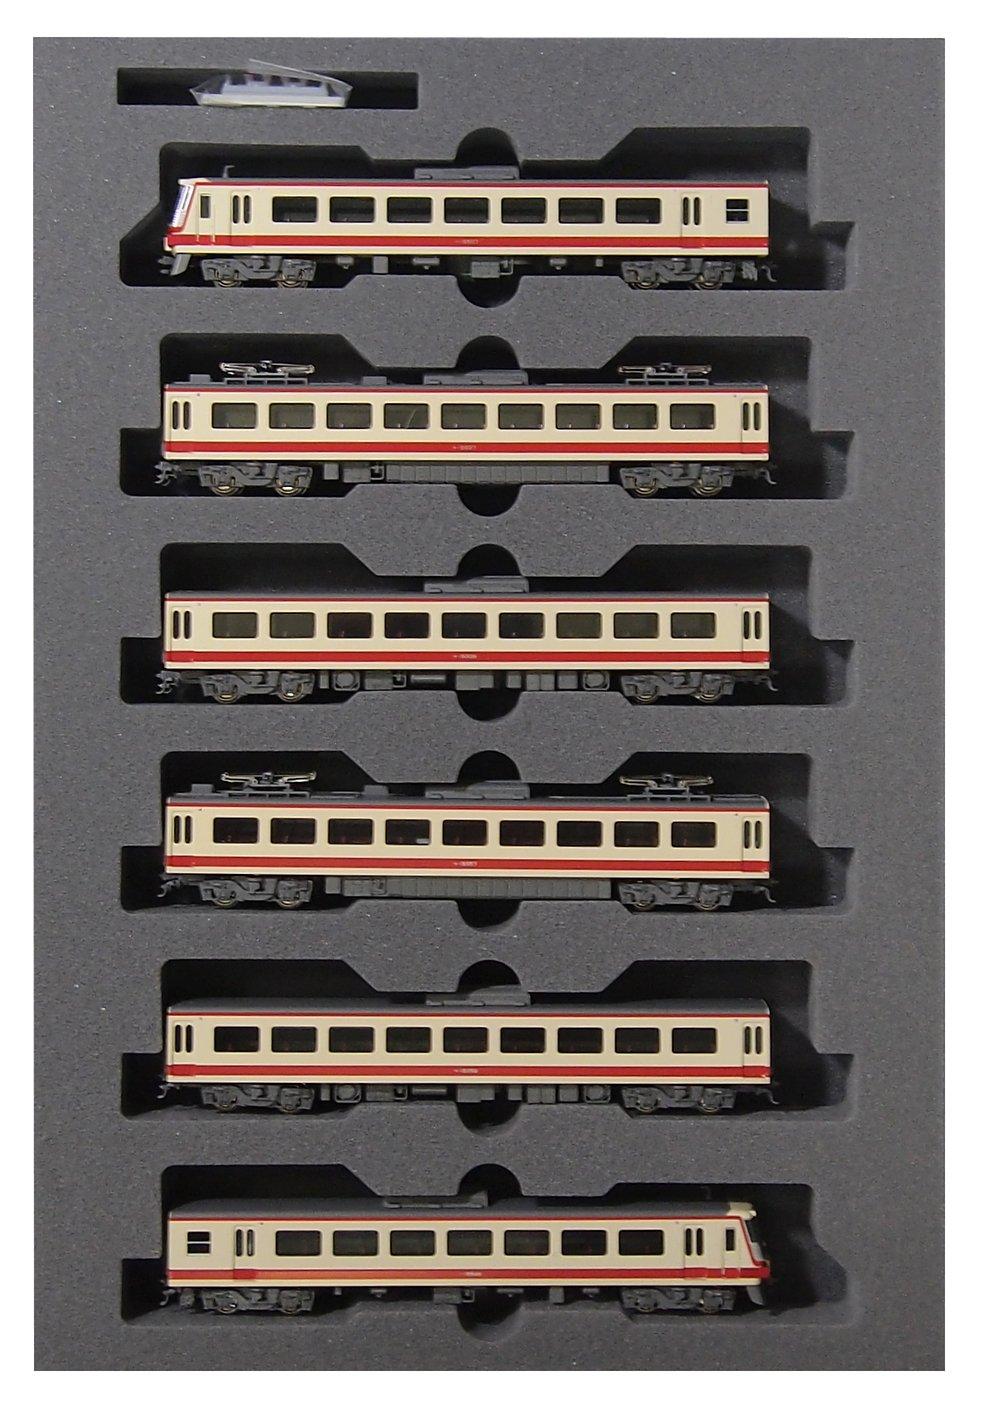 KATO Nゲージ 西武鉄道 5000系 レッドアロー 6両セット 10-1207 鉄道模型 電車 B00H4THCNI